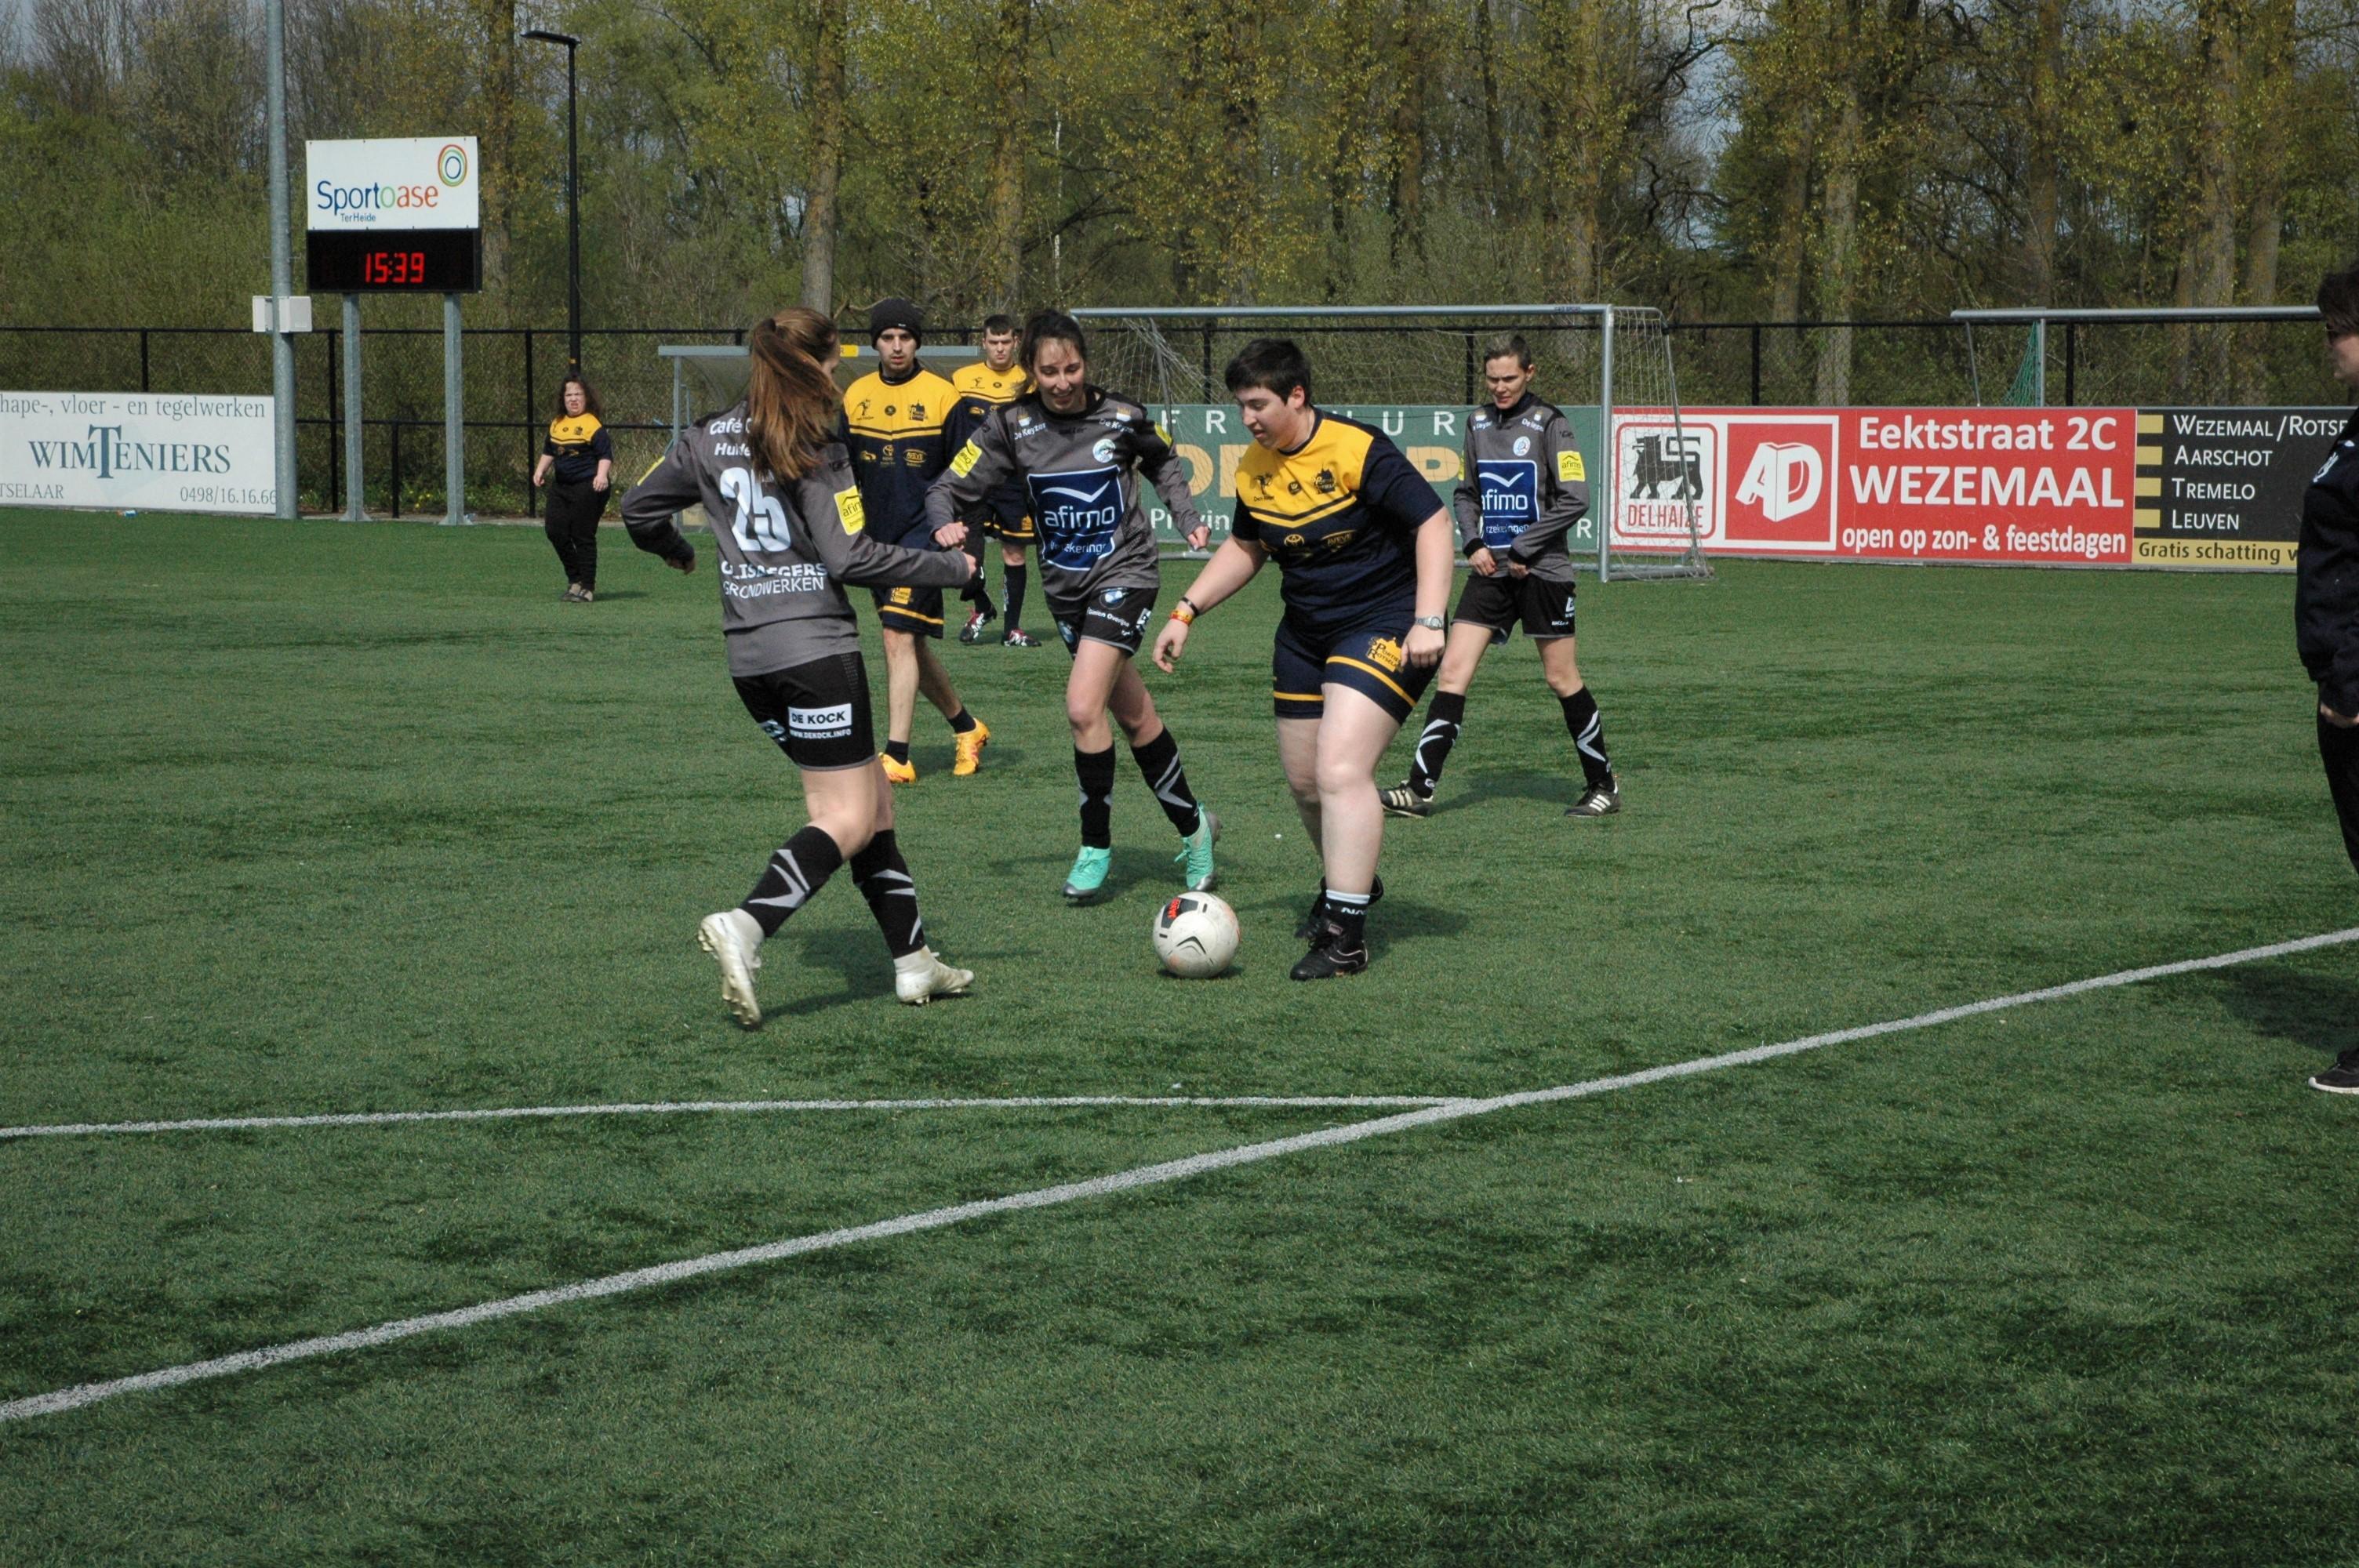 Een jongen en twee meisjes strijden om de bal tijdens een voetbalwedstrijd.